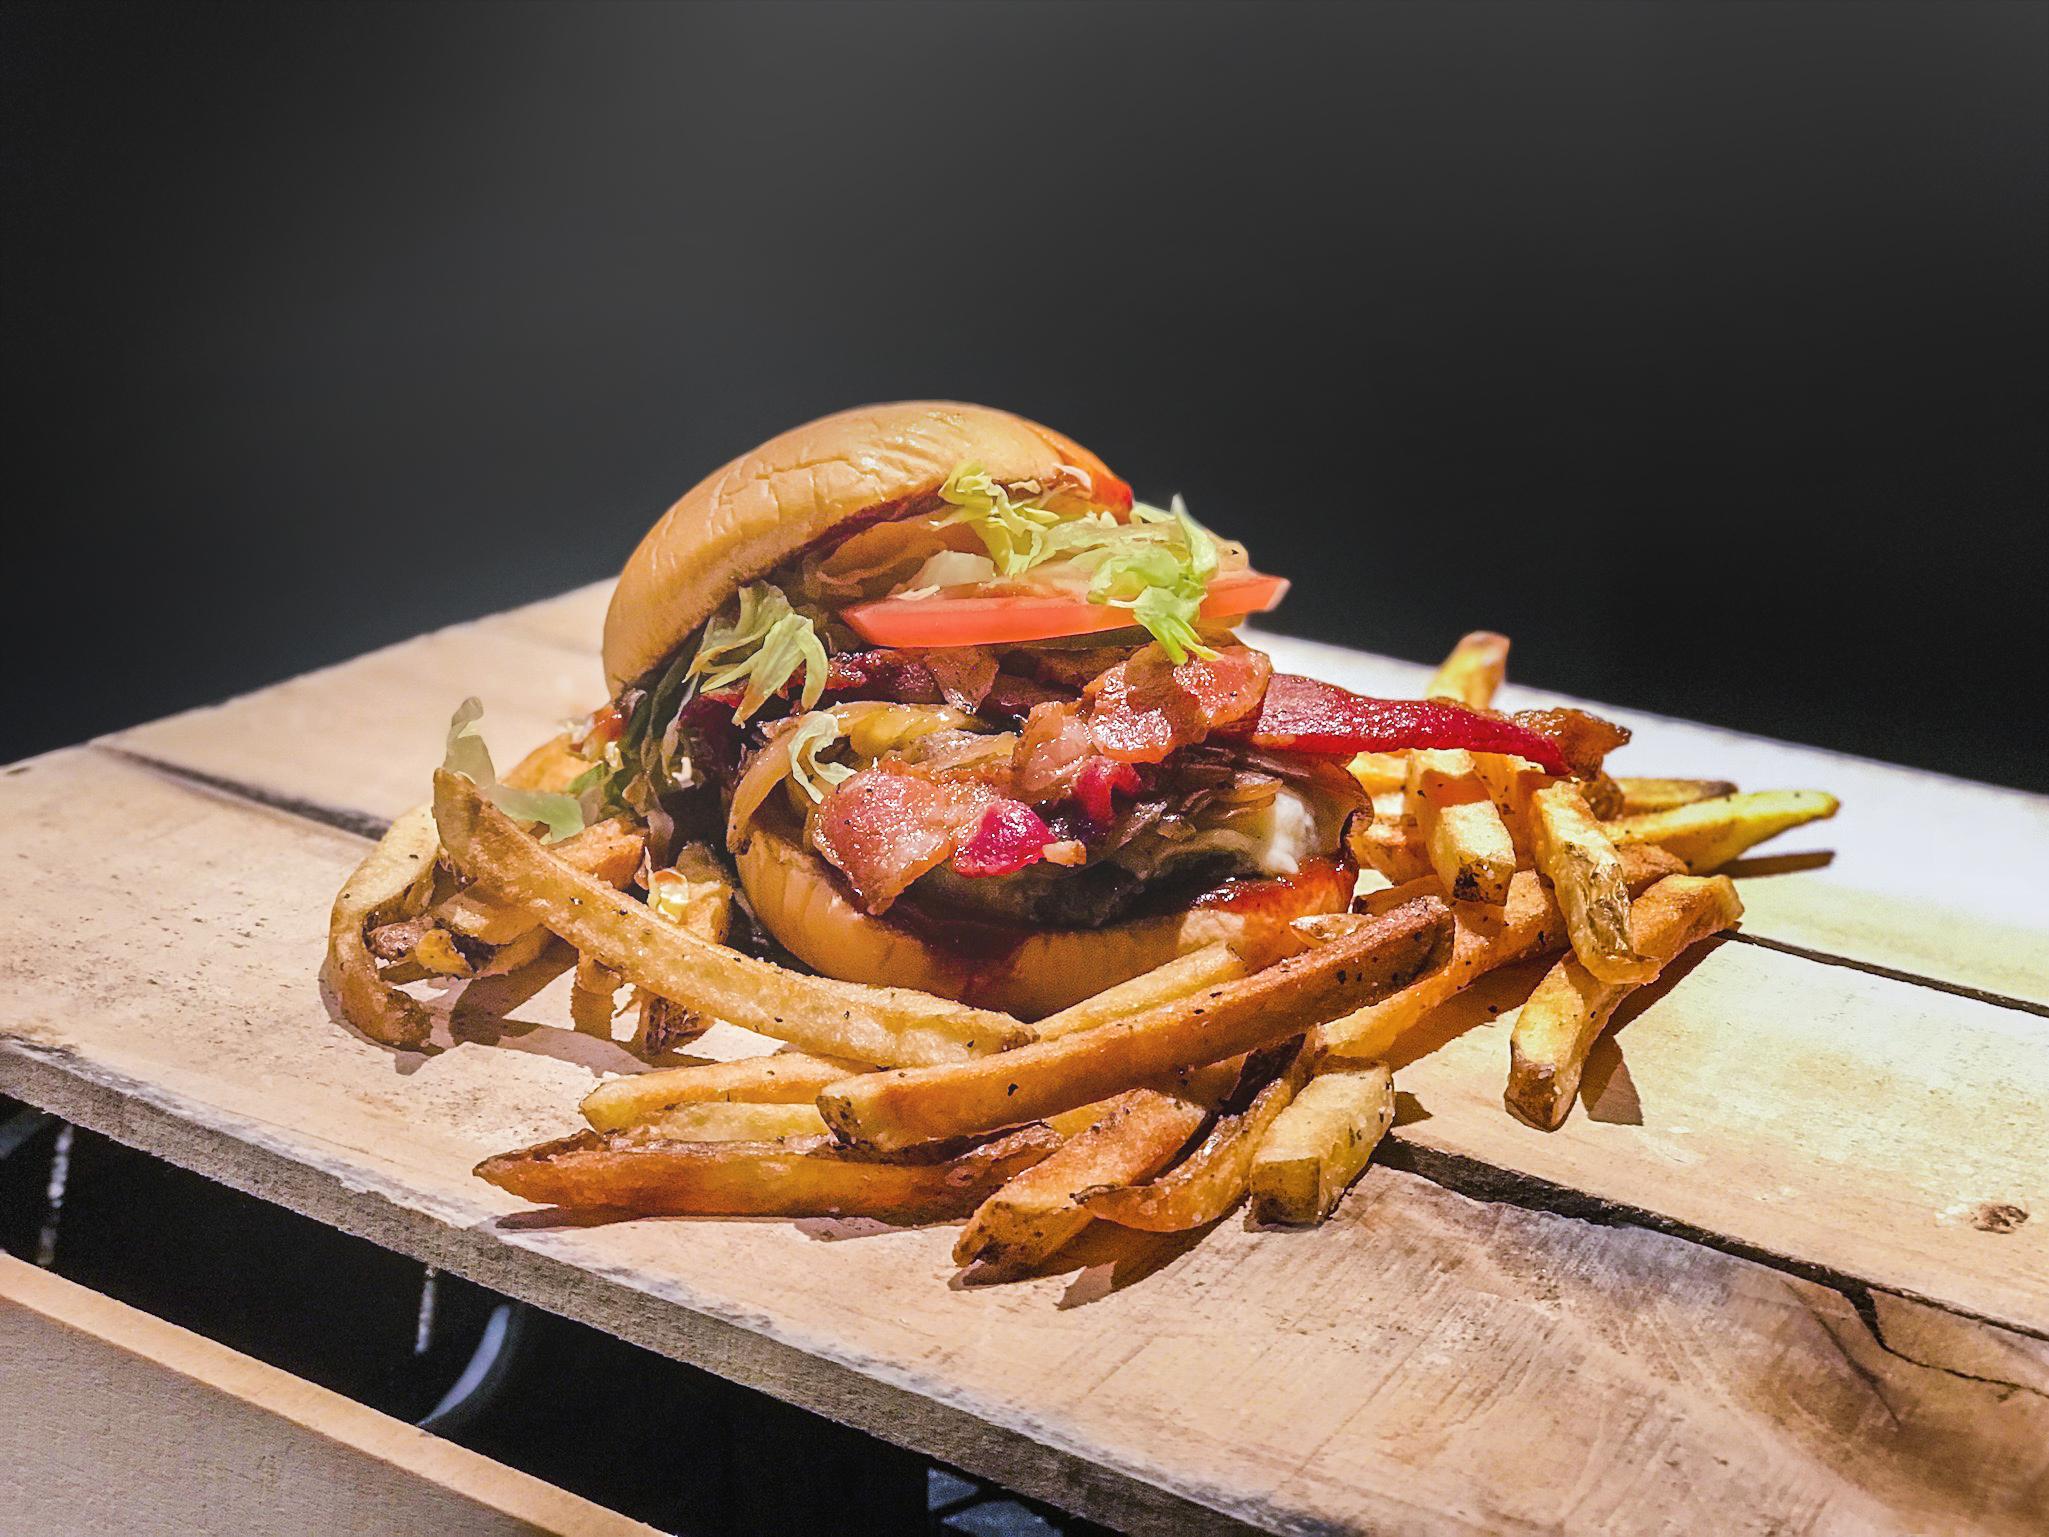 SteakhouseBurger.jpg